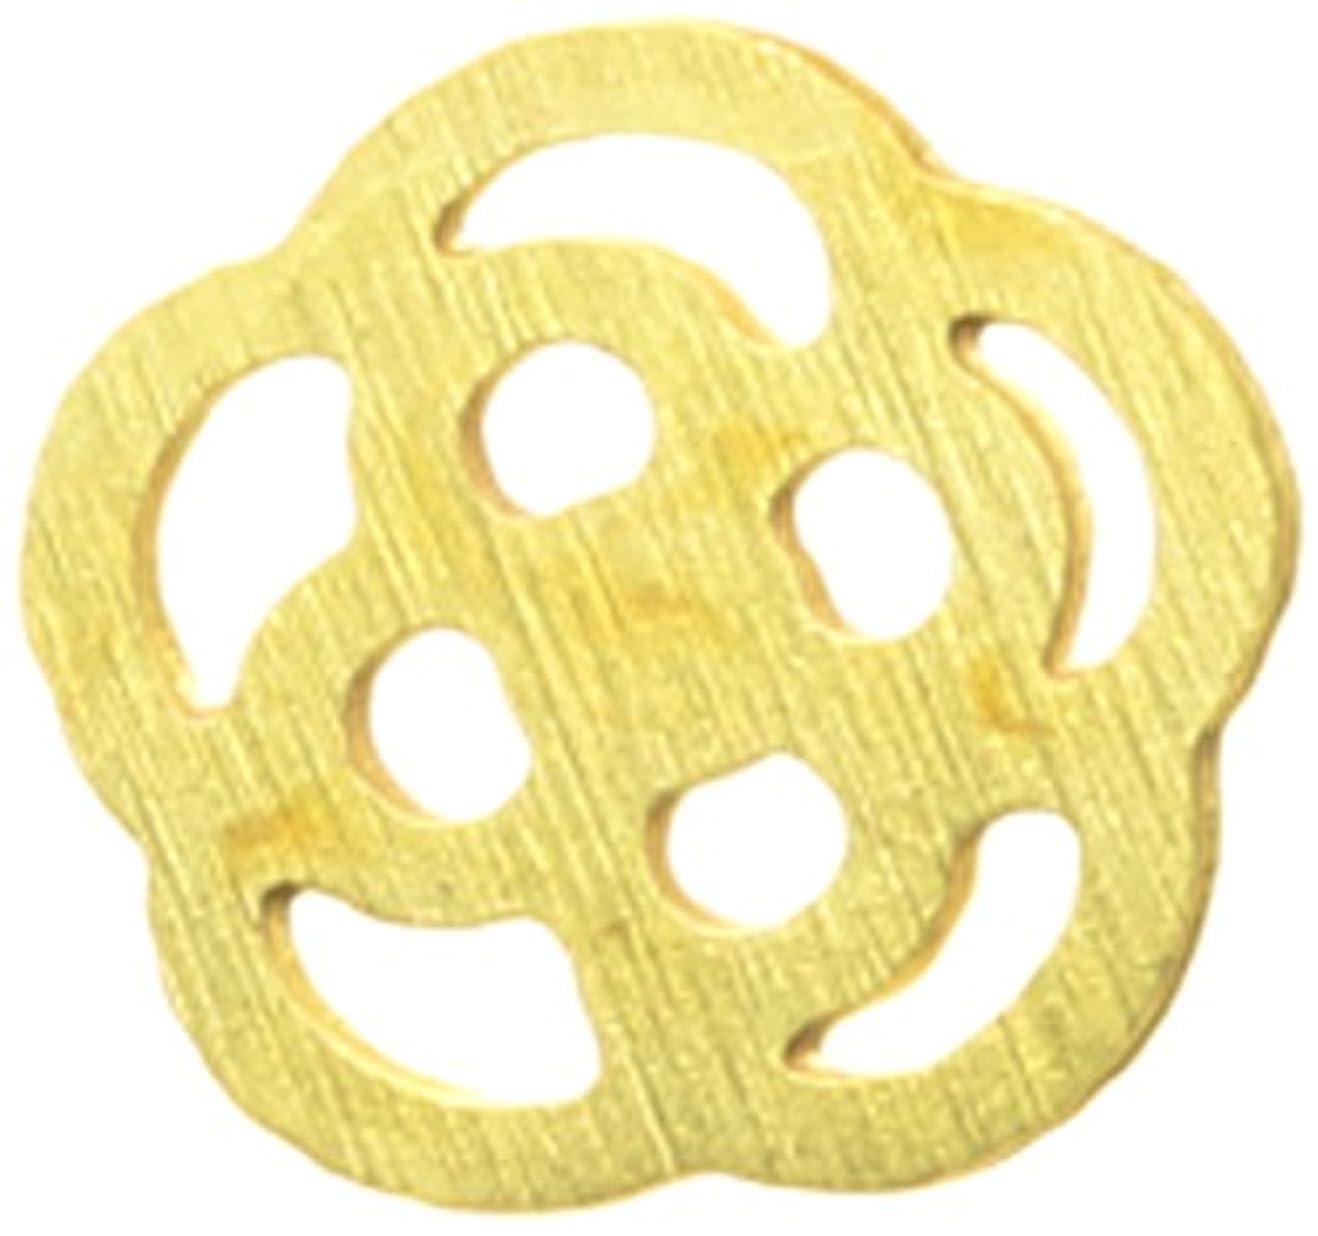 セラフ紳士不当メタルプレート(ネイルストーン デコ) カメリア(30個入り) ゴールド(ネイル用品)